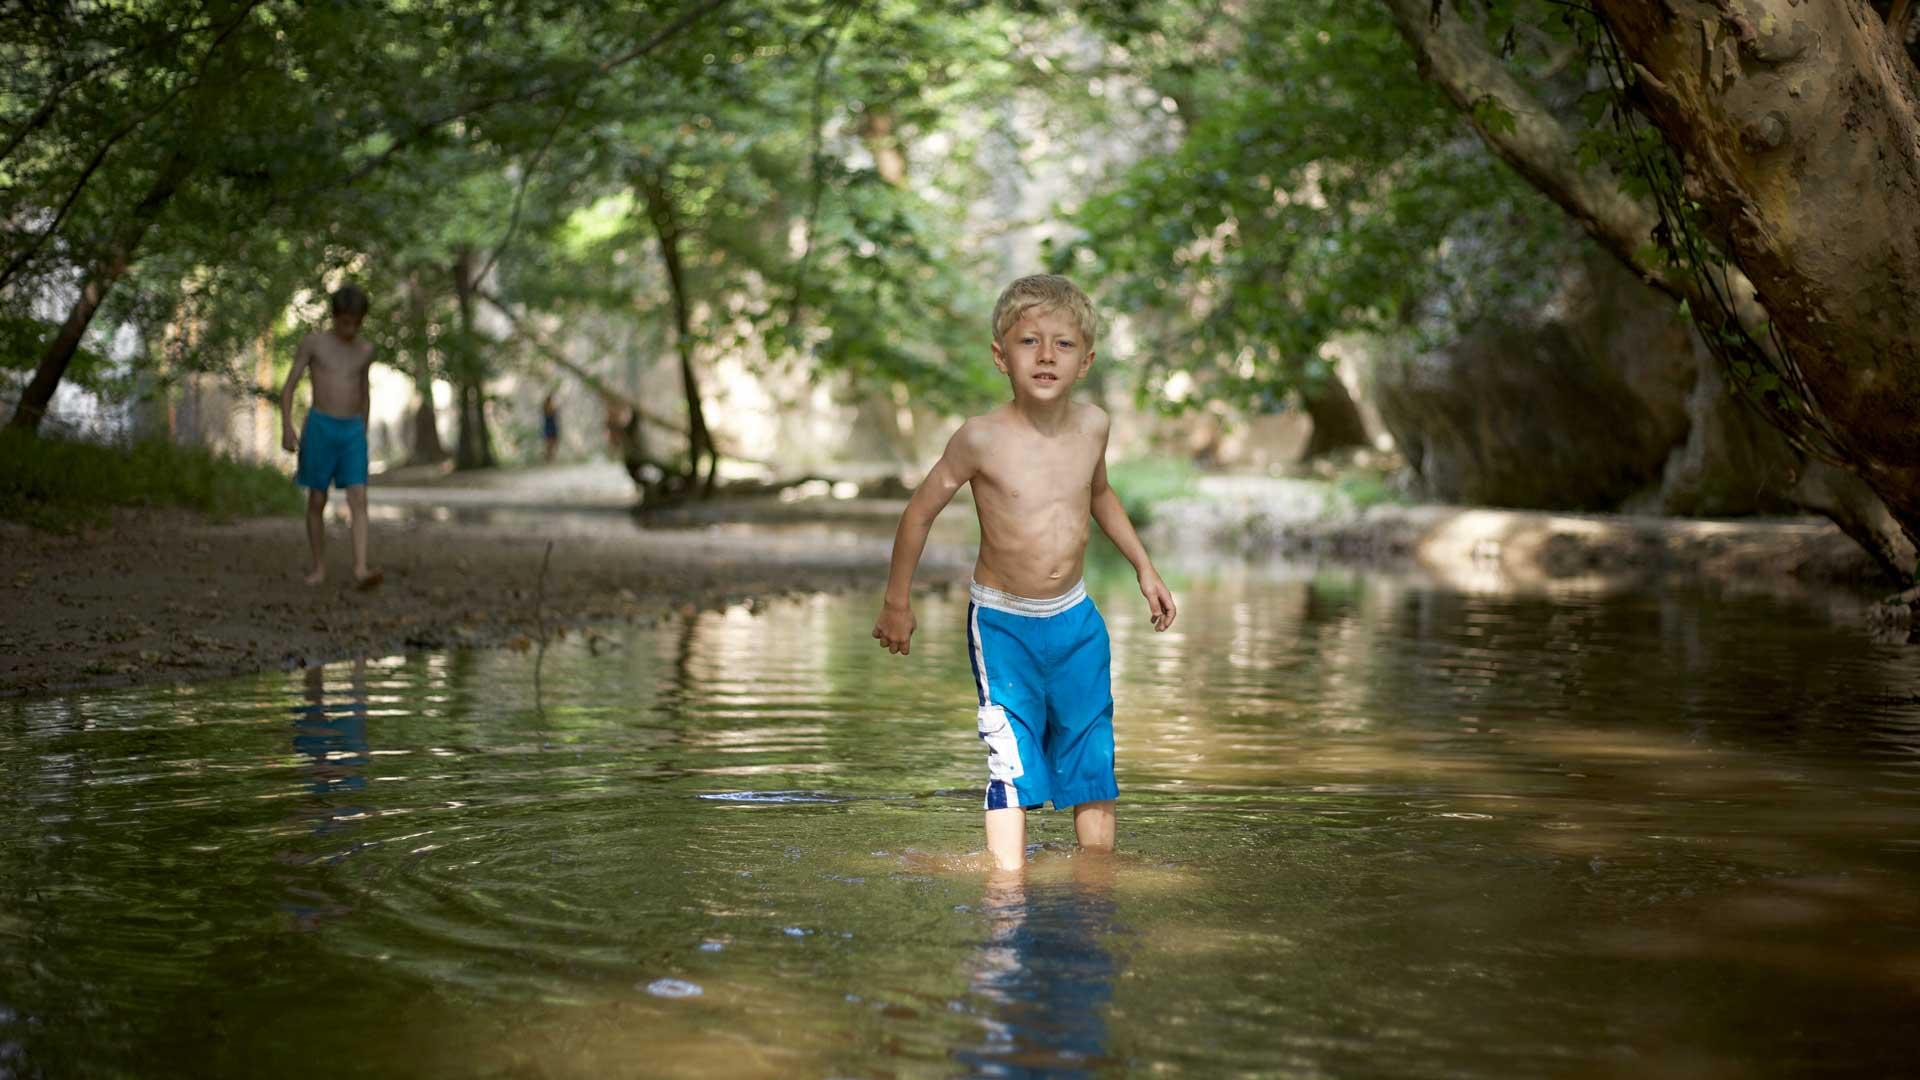 Sonnencreme: Junge an einem schattigen Waldsee